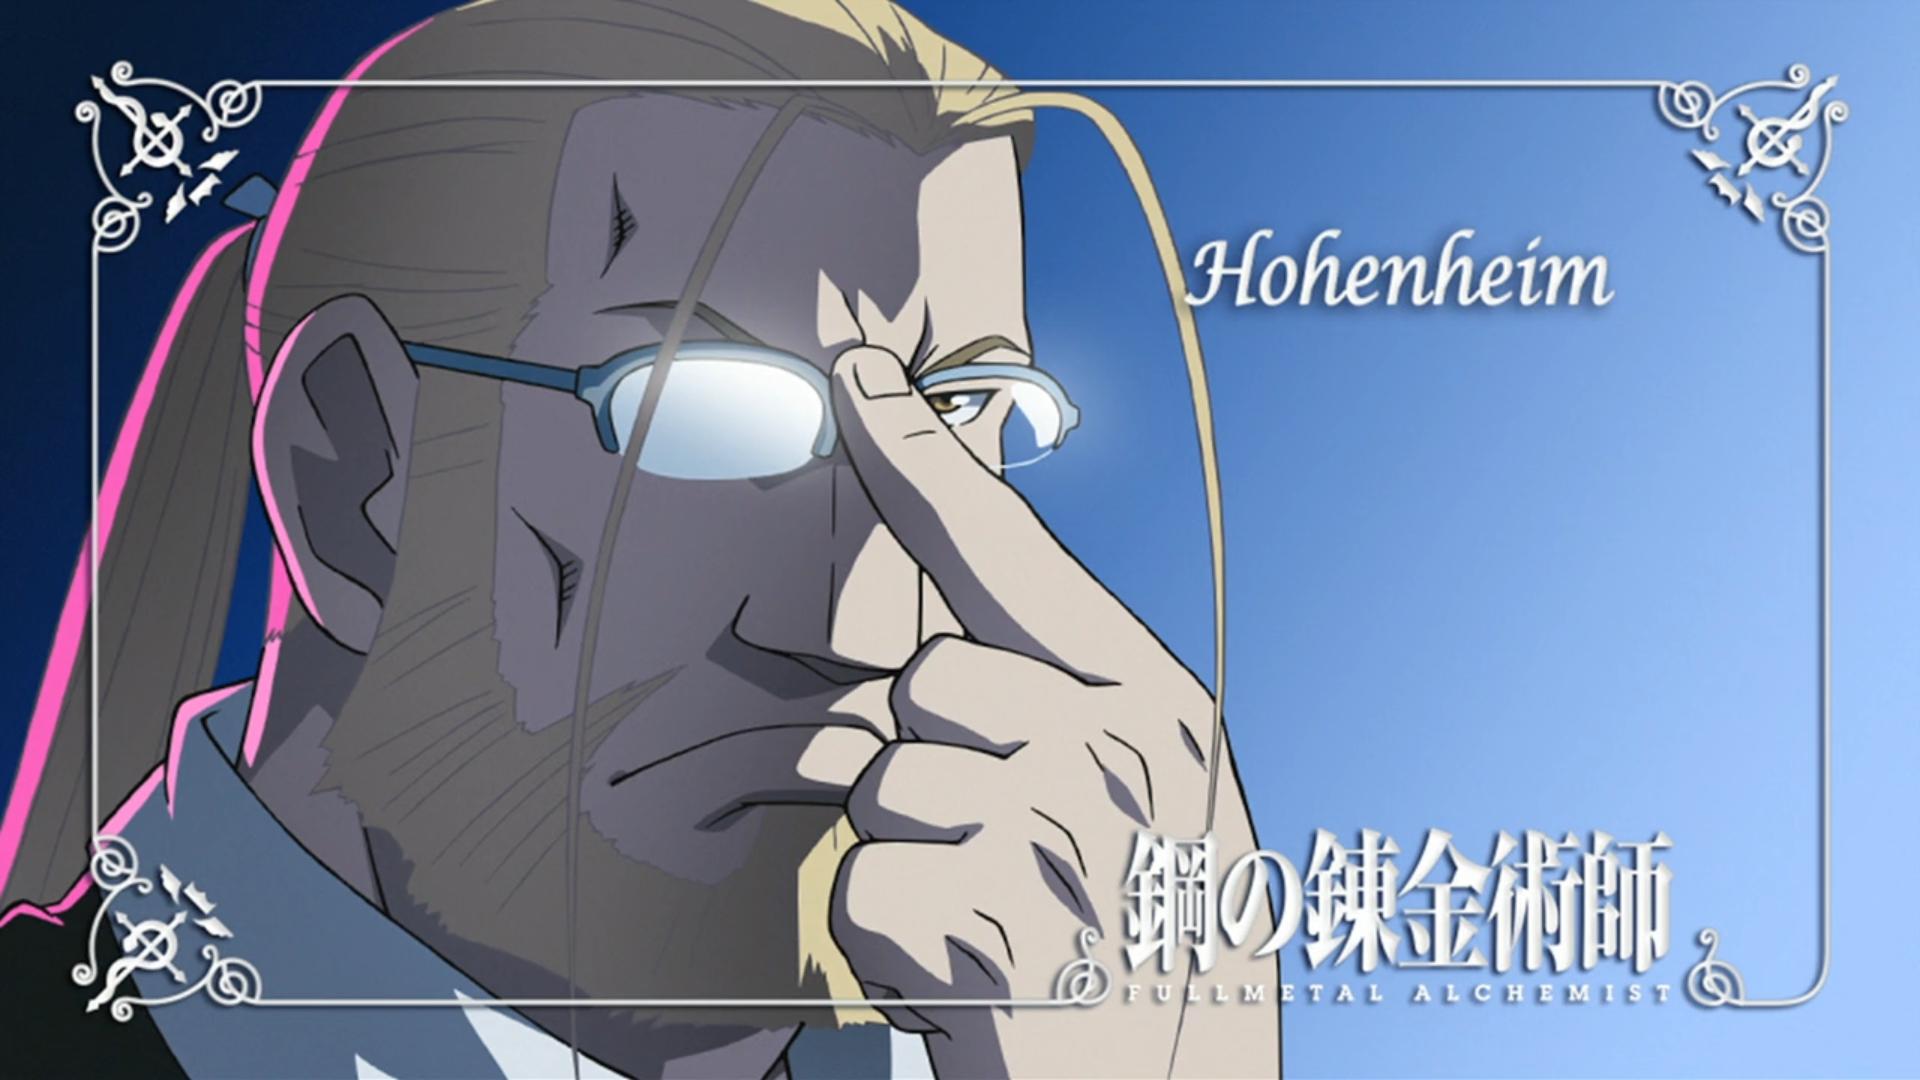 Anime 1920x1080 Fullmetal Alchemist: Brotherhood anime men beard anime